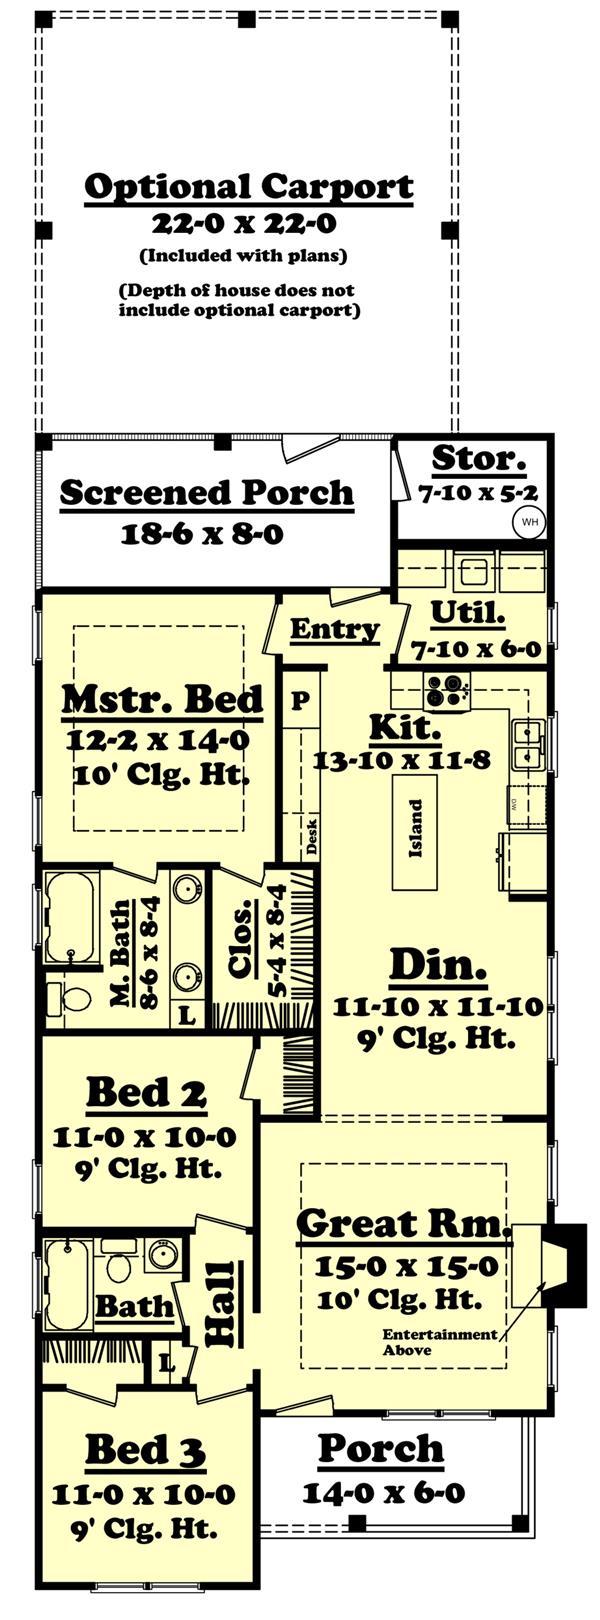 1412-1041 main floor